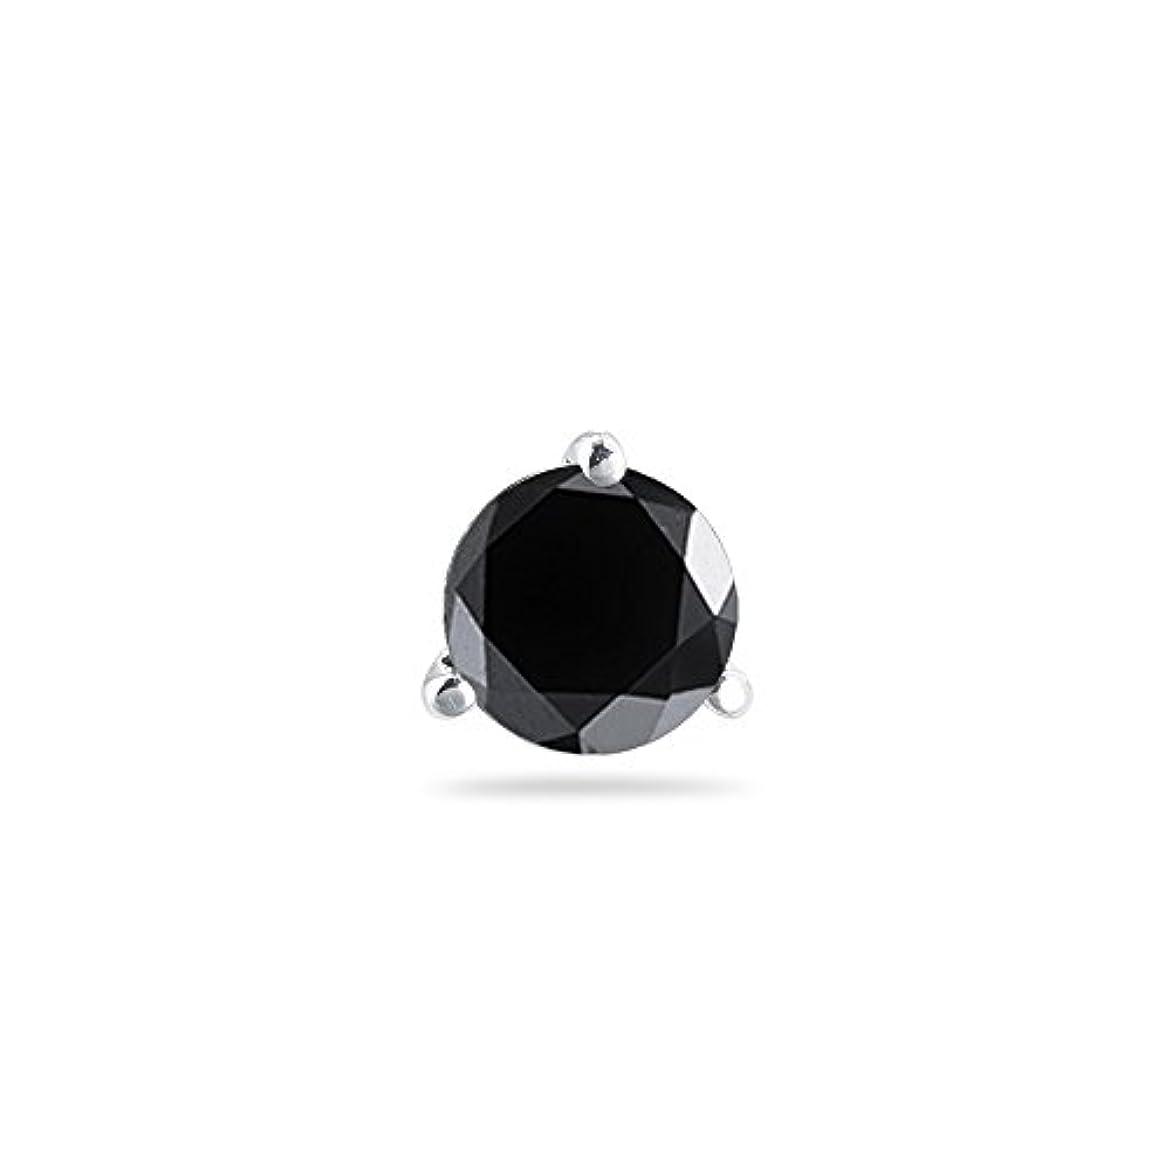 細分化するラメ積分クリスマスDeal – 3 / 8 ( 0.35 – 0.45 ) CTSの3.50 – 4.00 MM AAAラウンドブラックダイヤモンドメンズスタッドイヤリングで14 Kホワイトgold-screw Backs